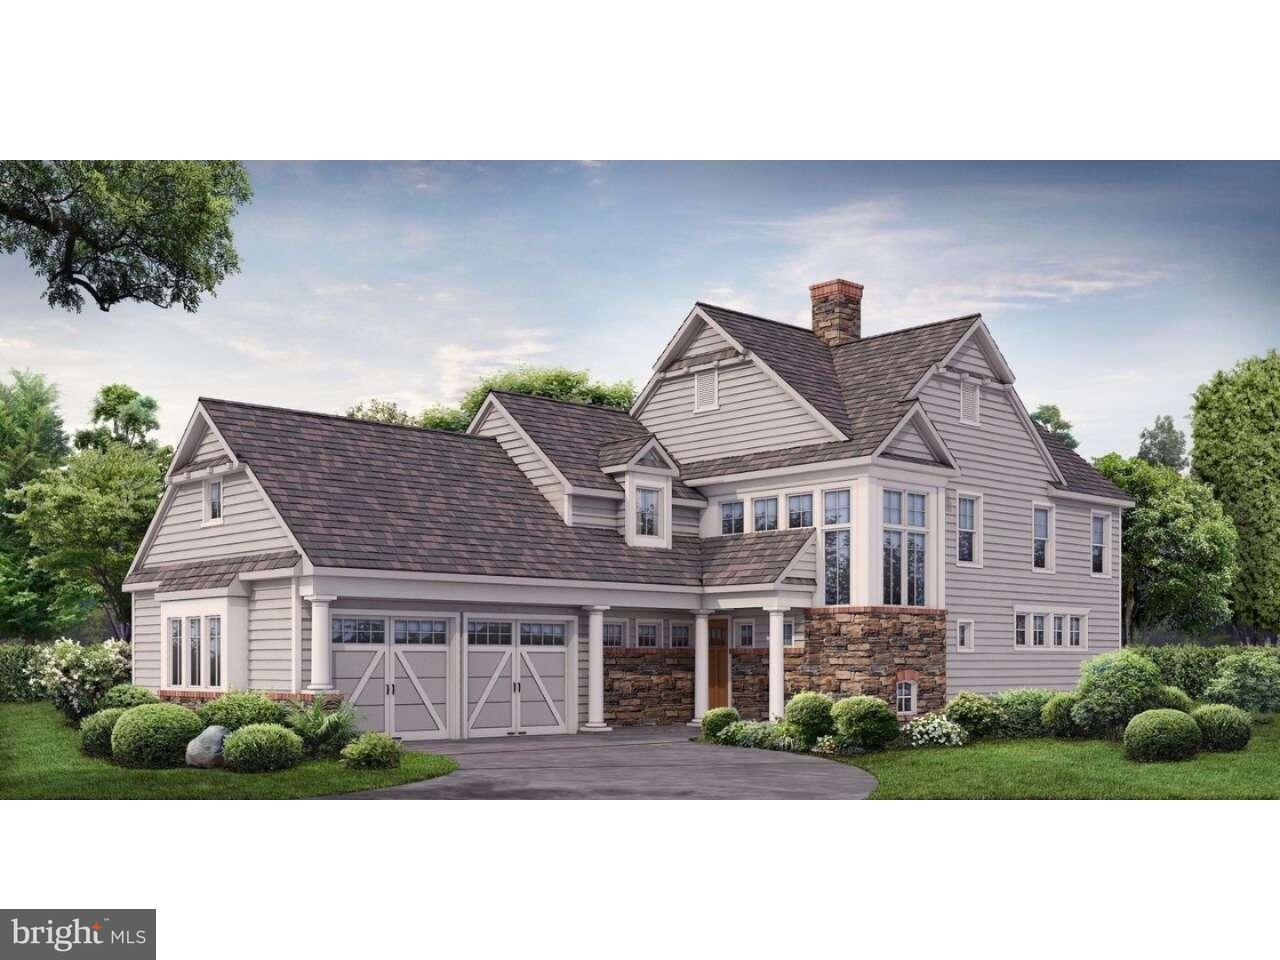 Частный односемейный дом для того Продажа на 1 BURGANDY Drive Mohnton, Пенсильвания 19540 Соединенные Штаты